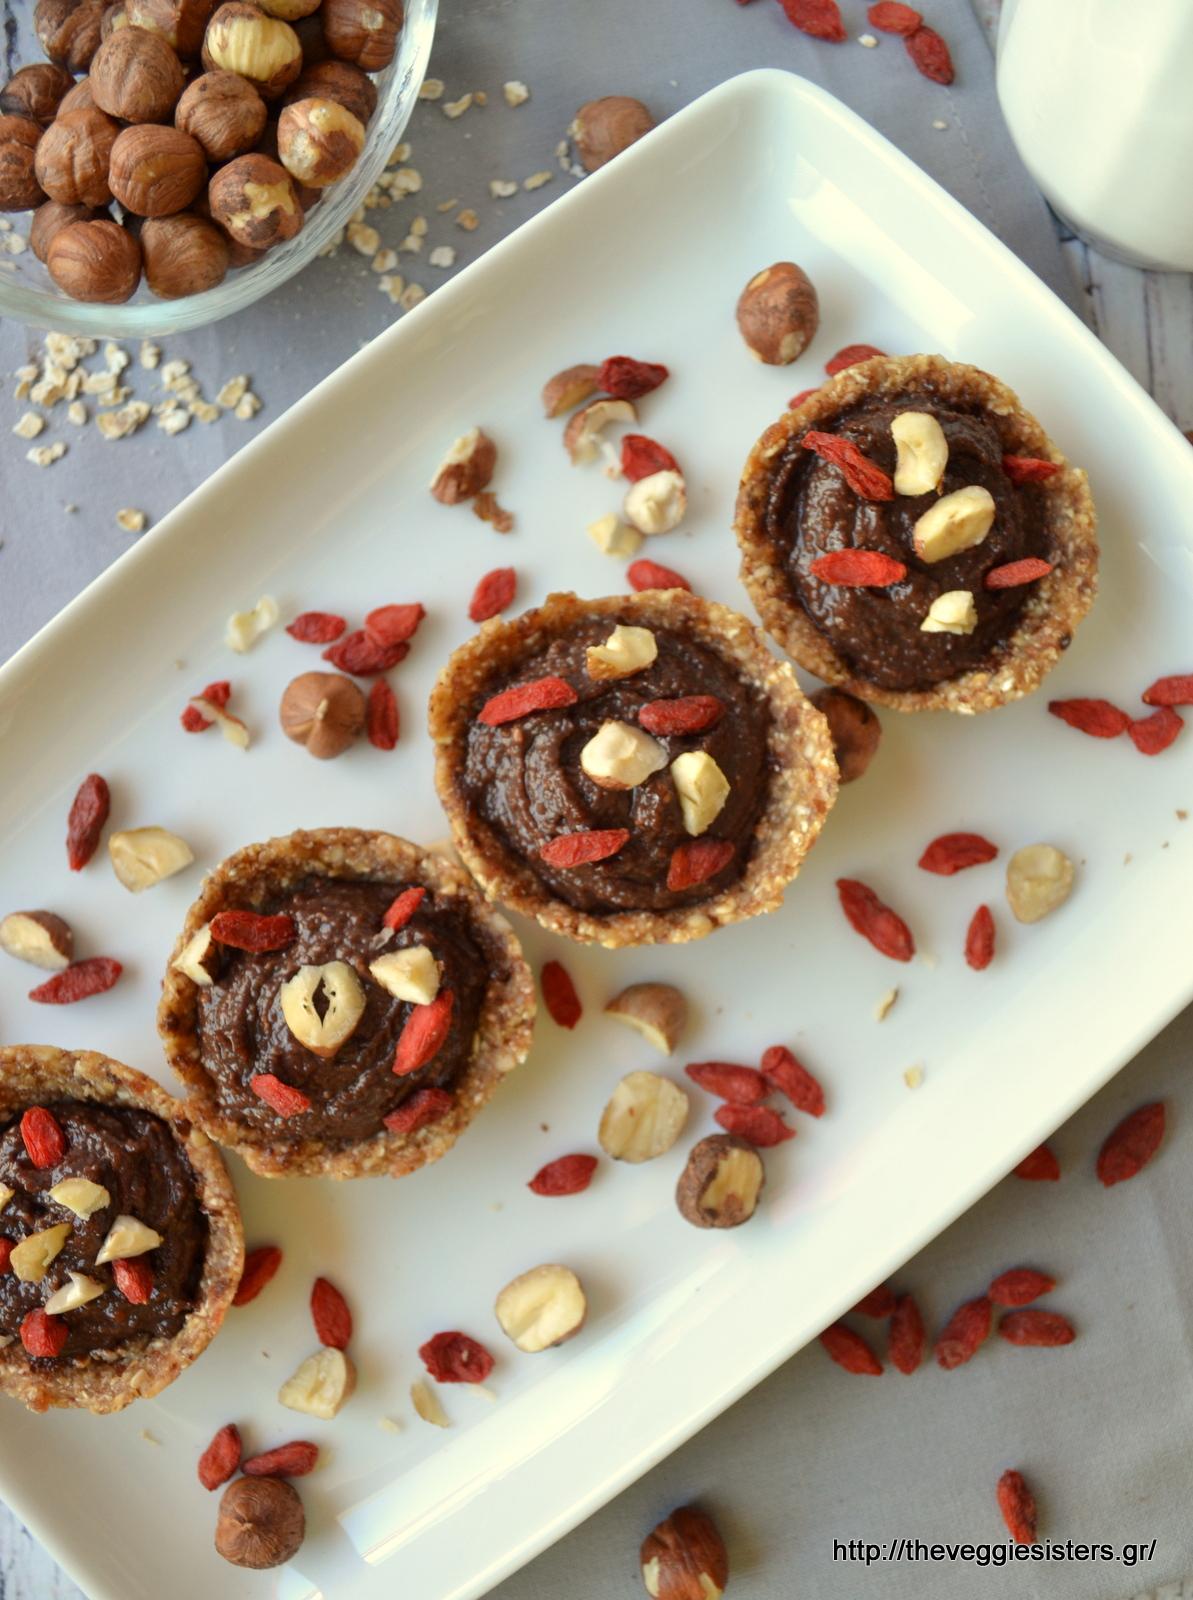 Υγιεινά σοκολατένια ταρτάκια με νουτέλα χωρίς ψήσιμο - No bake healthy nutella mini tarts